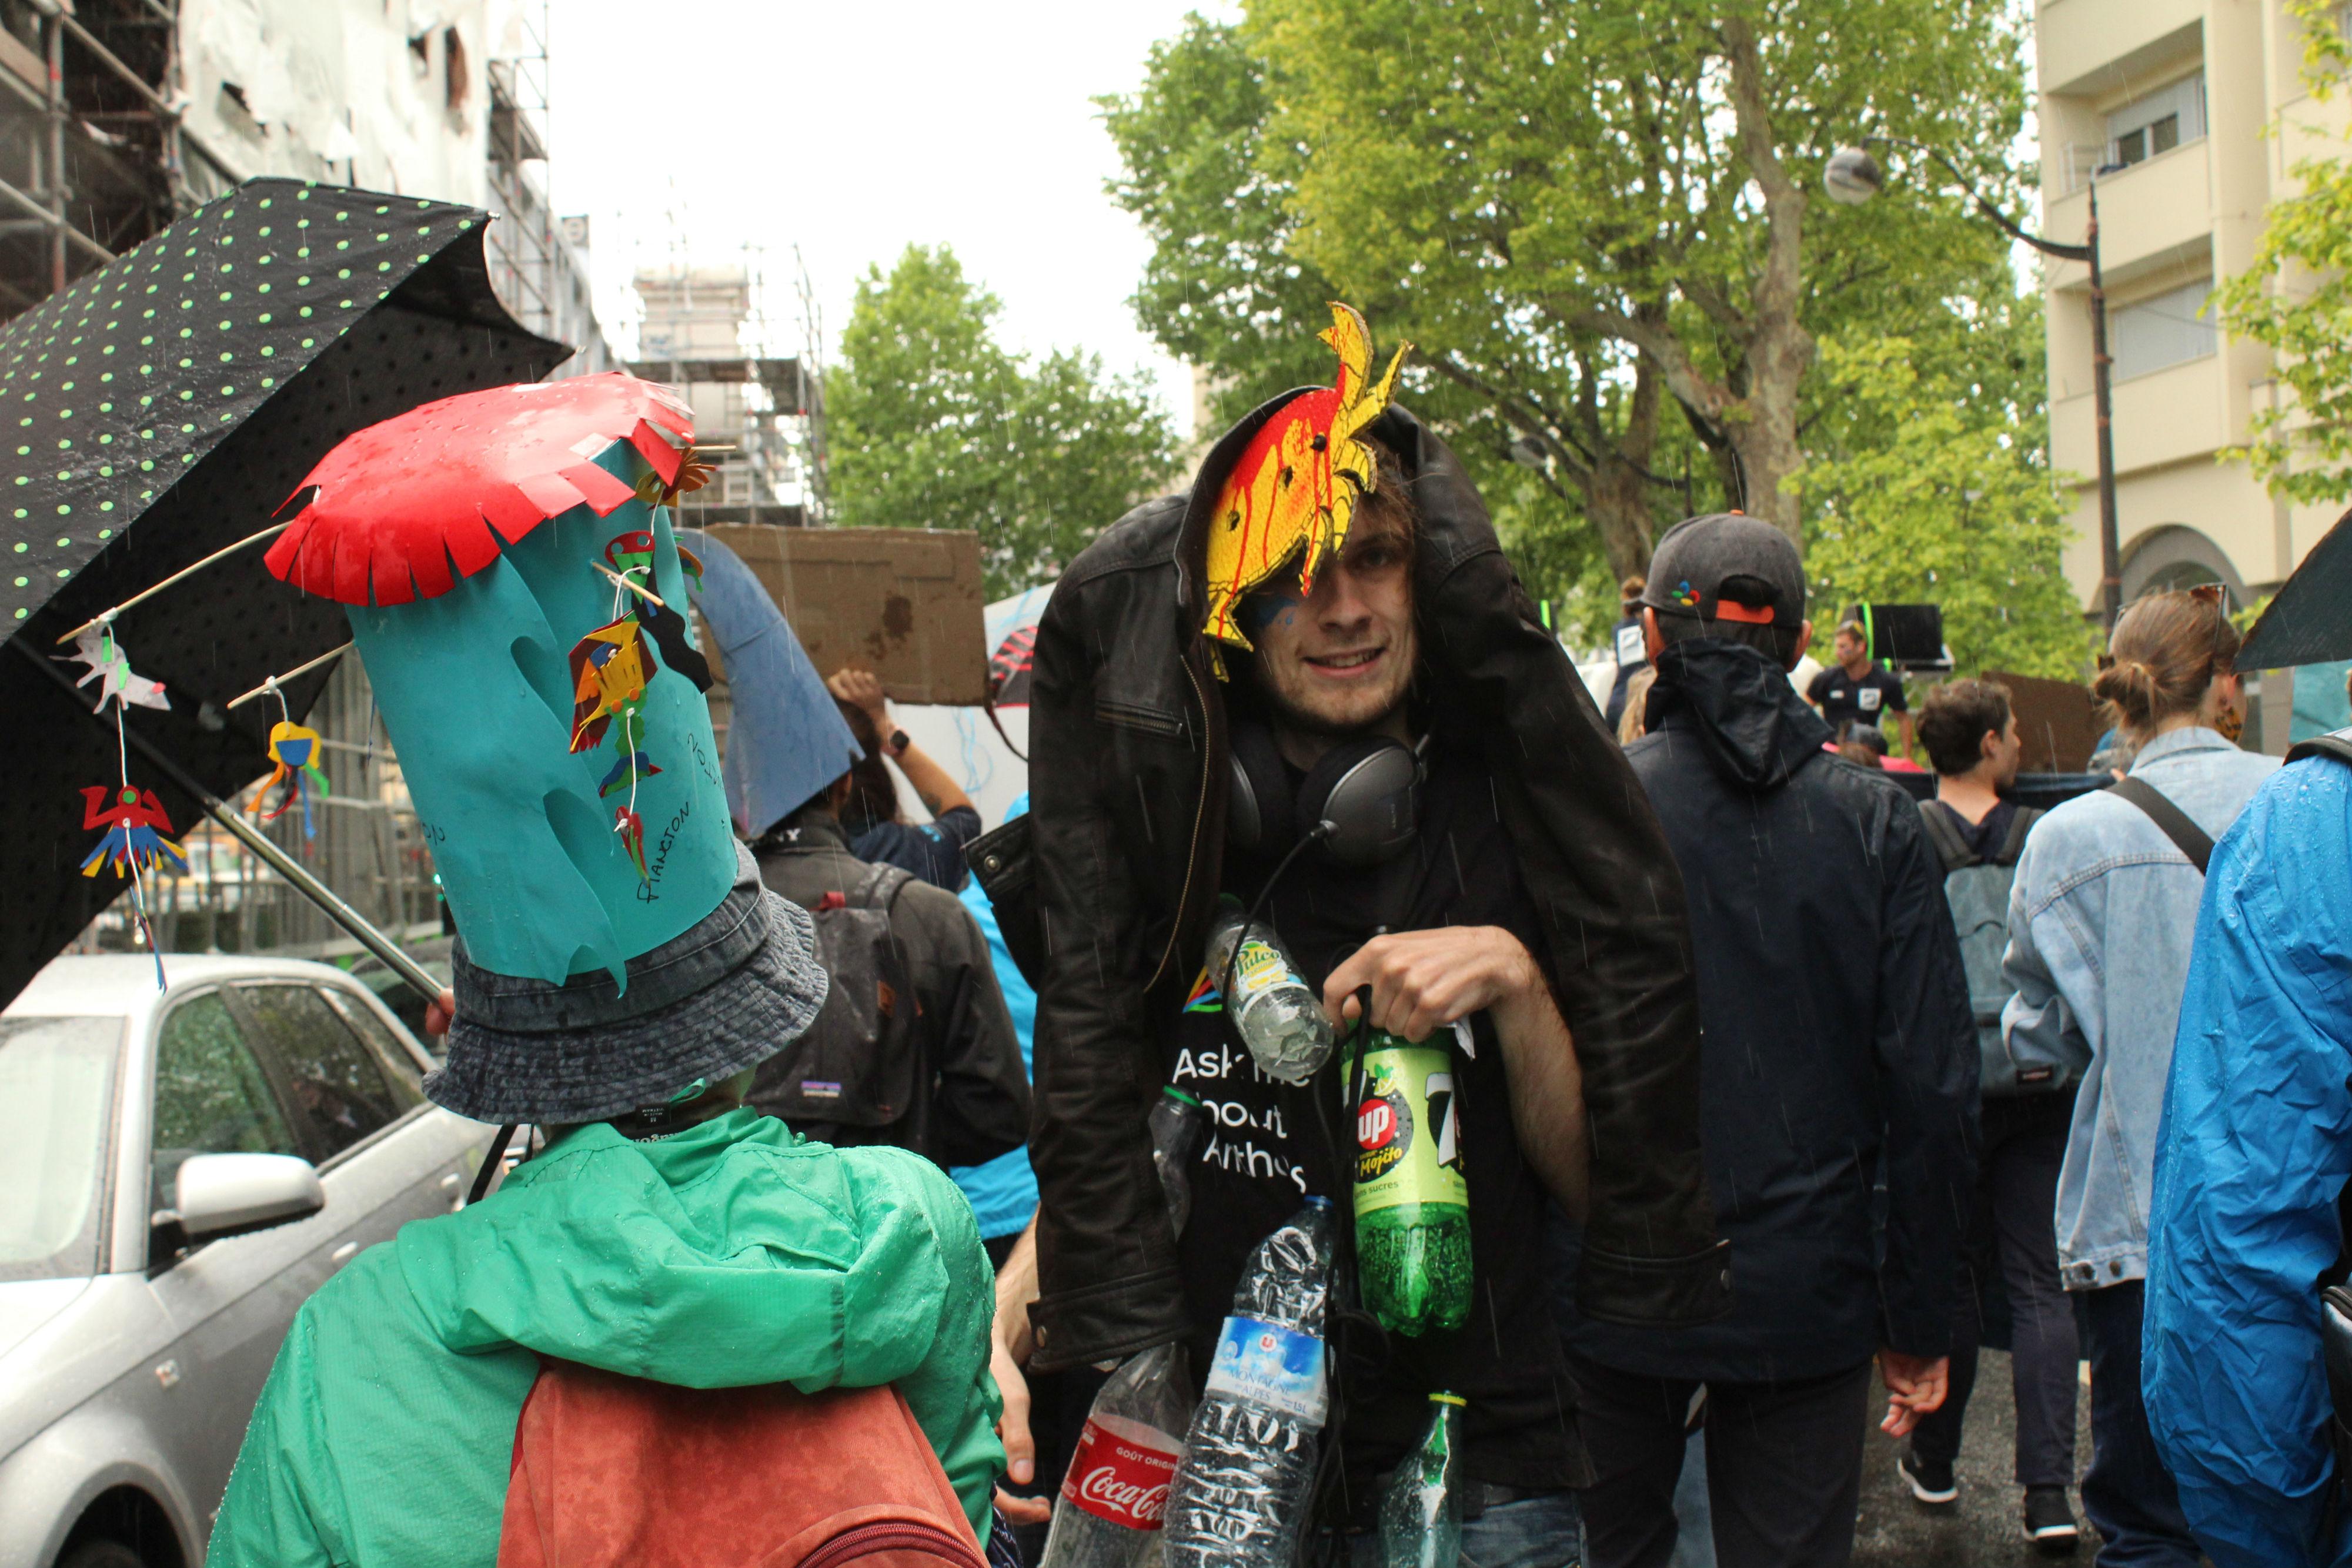 """Comme l'indiquait une pancarte, les manifestant.e.s se sont """"mouillés pour l'océan"""", au sens propre comme au sens figuré / ©Cypriane El-Chami"""